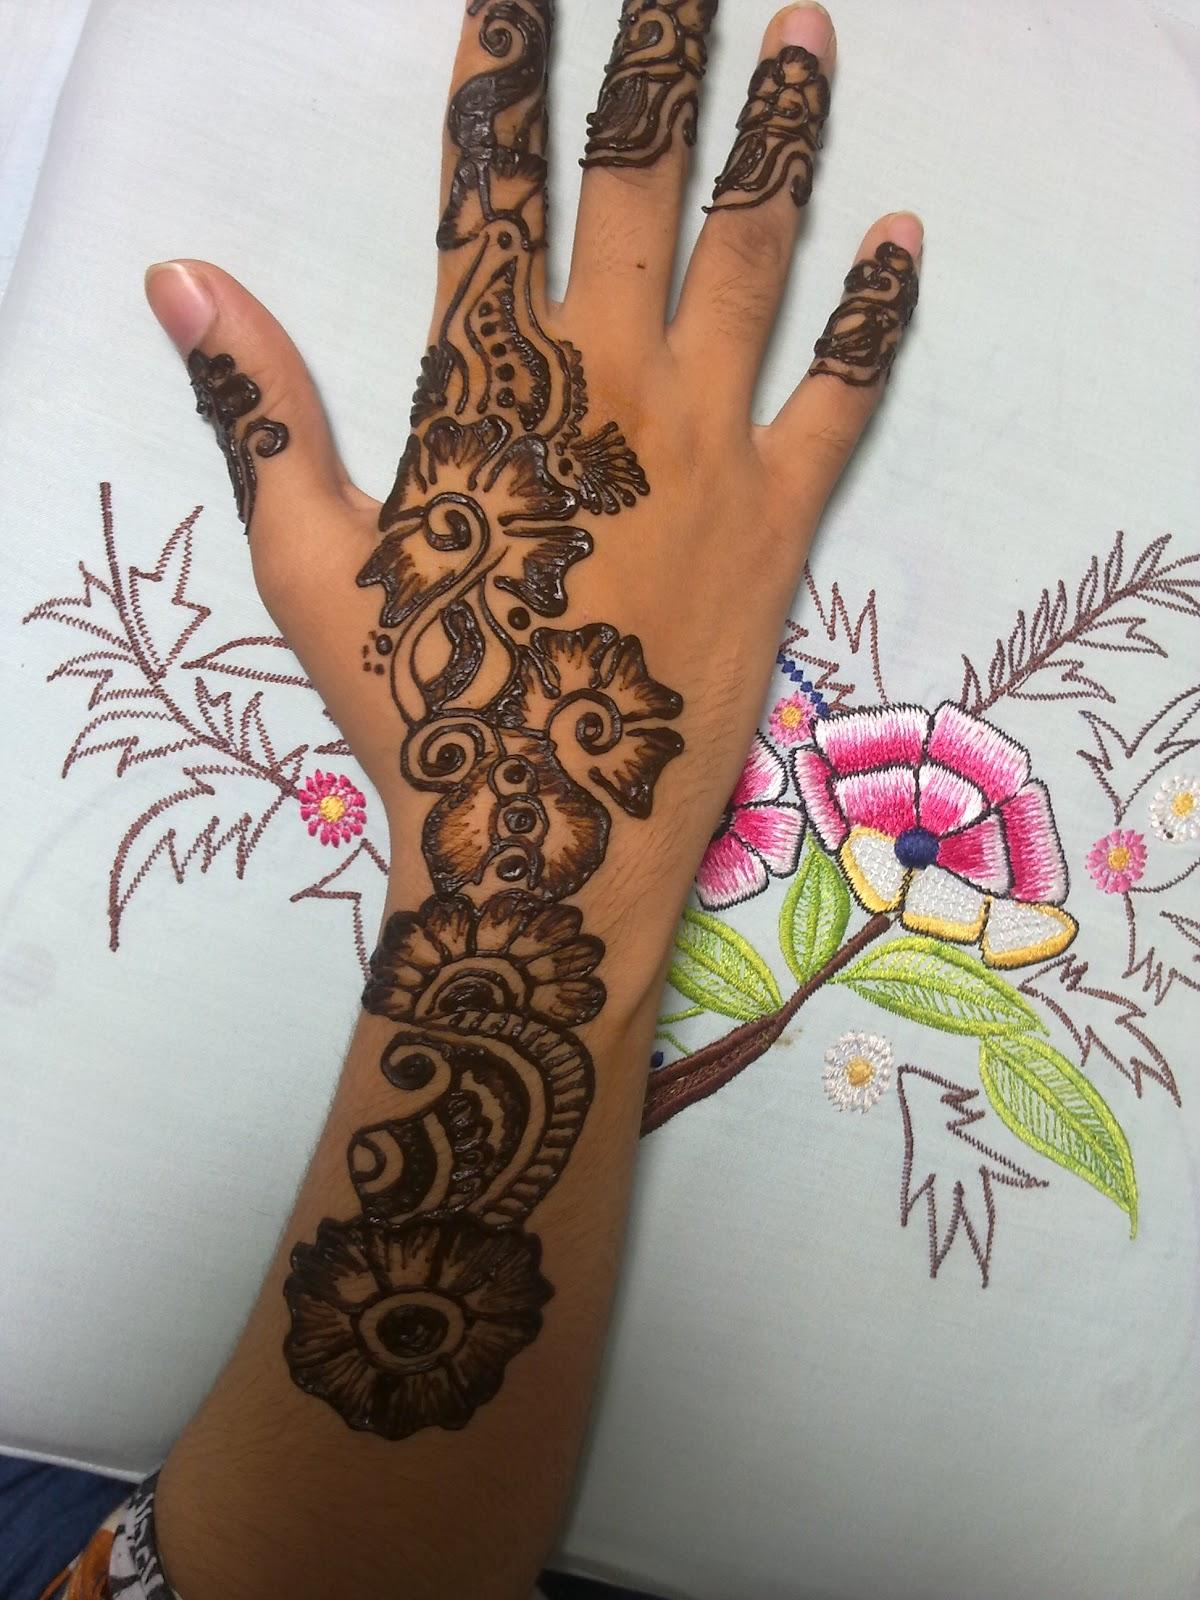 Nice Mehndi Patterns : Fashion ki dunia nice mehndi designs